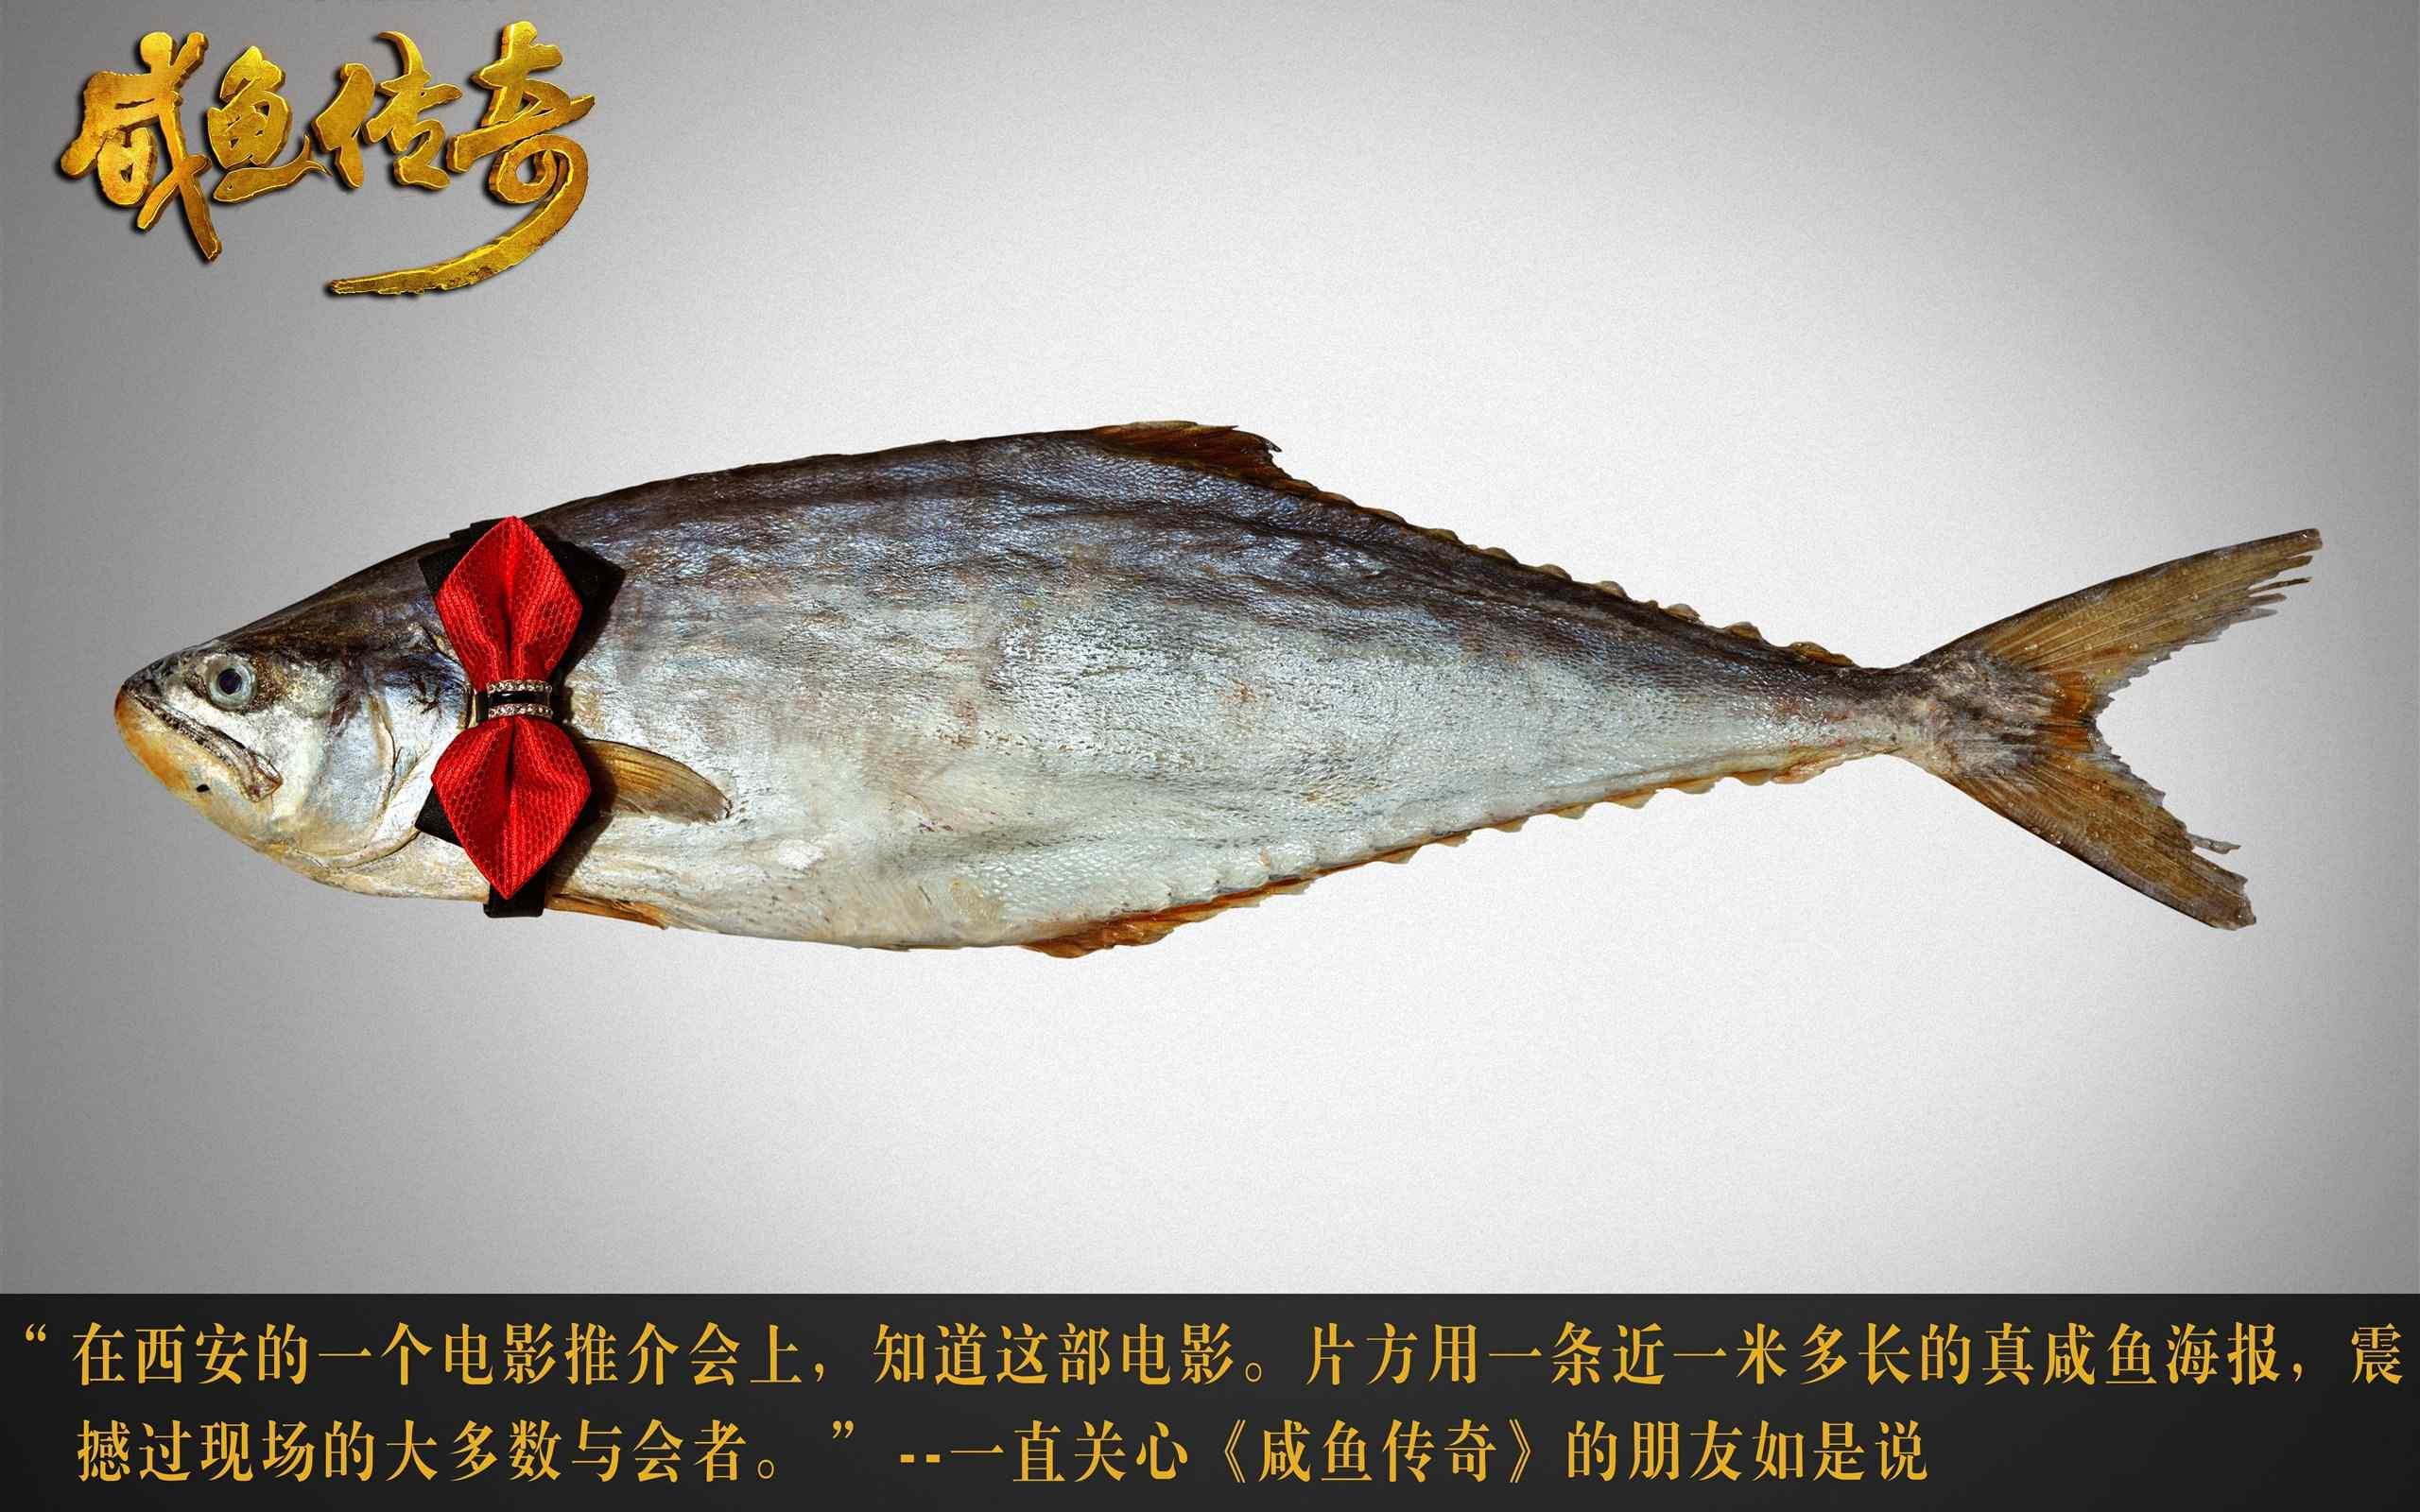 咸鱼传奇剧照图片高清桌面壁纸